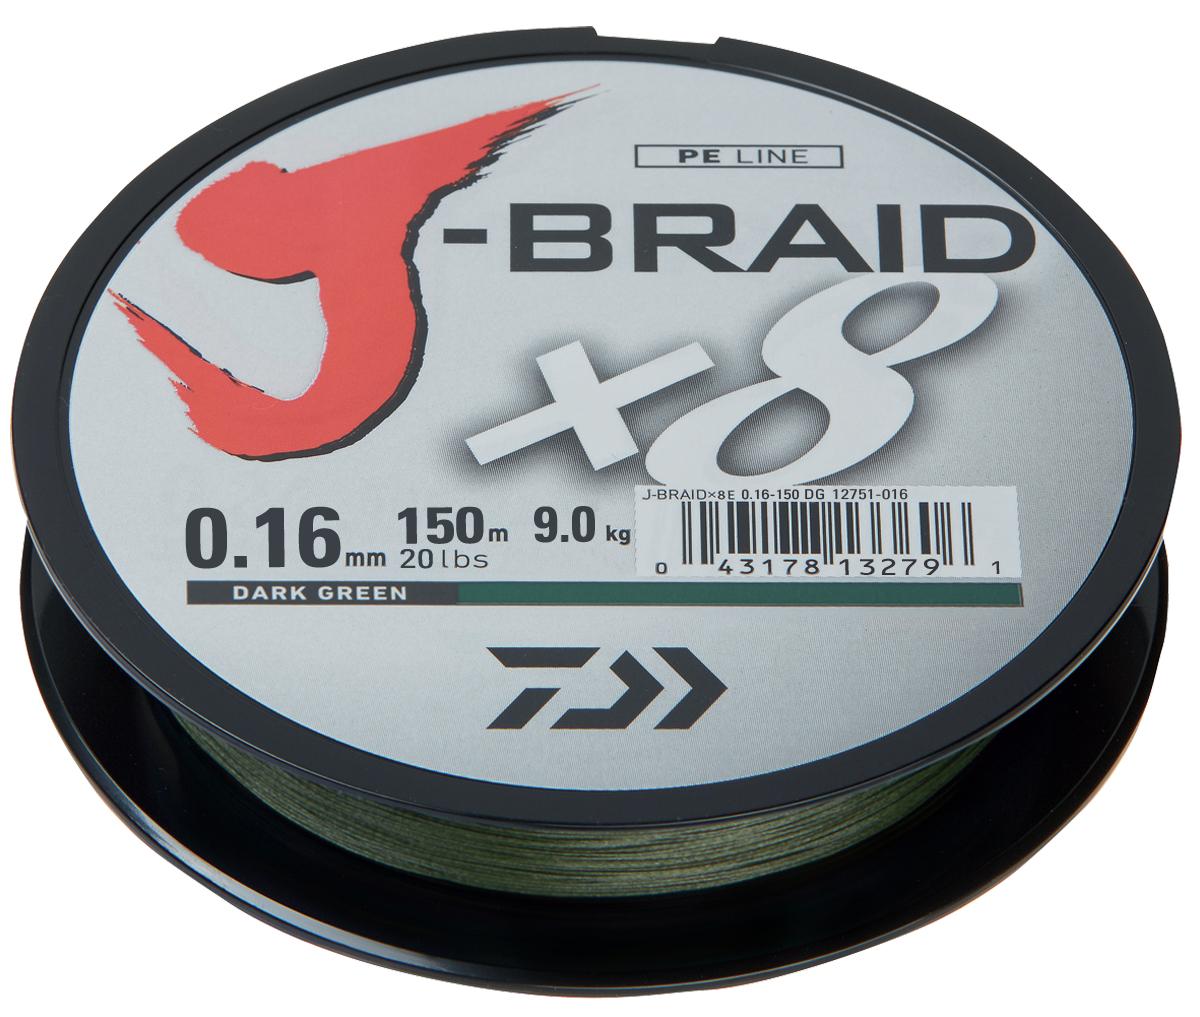 Шнур плетеный Daiwa J-Braid X8, цвет: зеленый, 150 м, 0,16 мм61101J-Braid от DAIWA - исключительный шнур с плетением в 8 нитей. Он полностью удовлетворяетвсем требованиям, предъявляемым высококачественным плетеным шнурам. Неважно,собрались ли вы ловить крупных морских хищников, как палтус, треска или сайда, или окуня исудака, с вашим новым J-Braid вы всегда контролируете рыбу.J-Braid предлагает соответствующий диаметр для любых техник ловли: море, река или озеро- невероятно прочный и надежный. J-Braid скользит через кольца, обеспечивая дальний иточный заброс даже самых легких приманок.Идеален для спиннинговых и бейткастинговых катушек!Невероятное соотношение цены и качества!